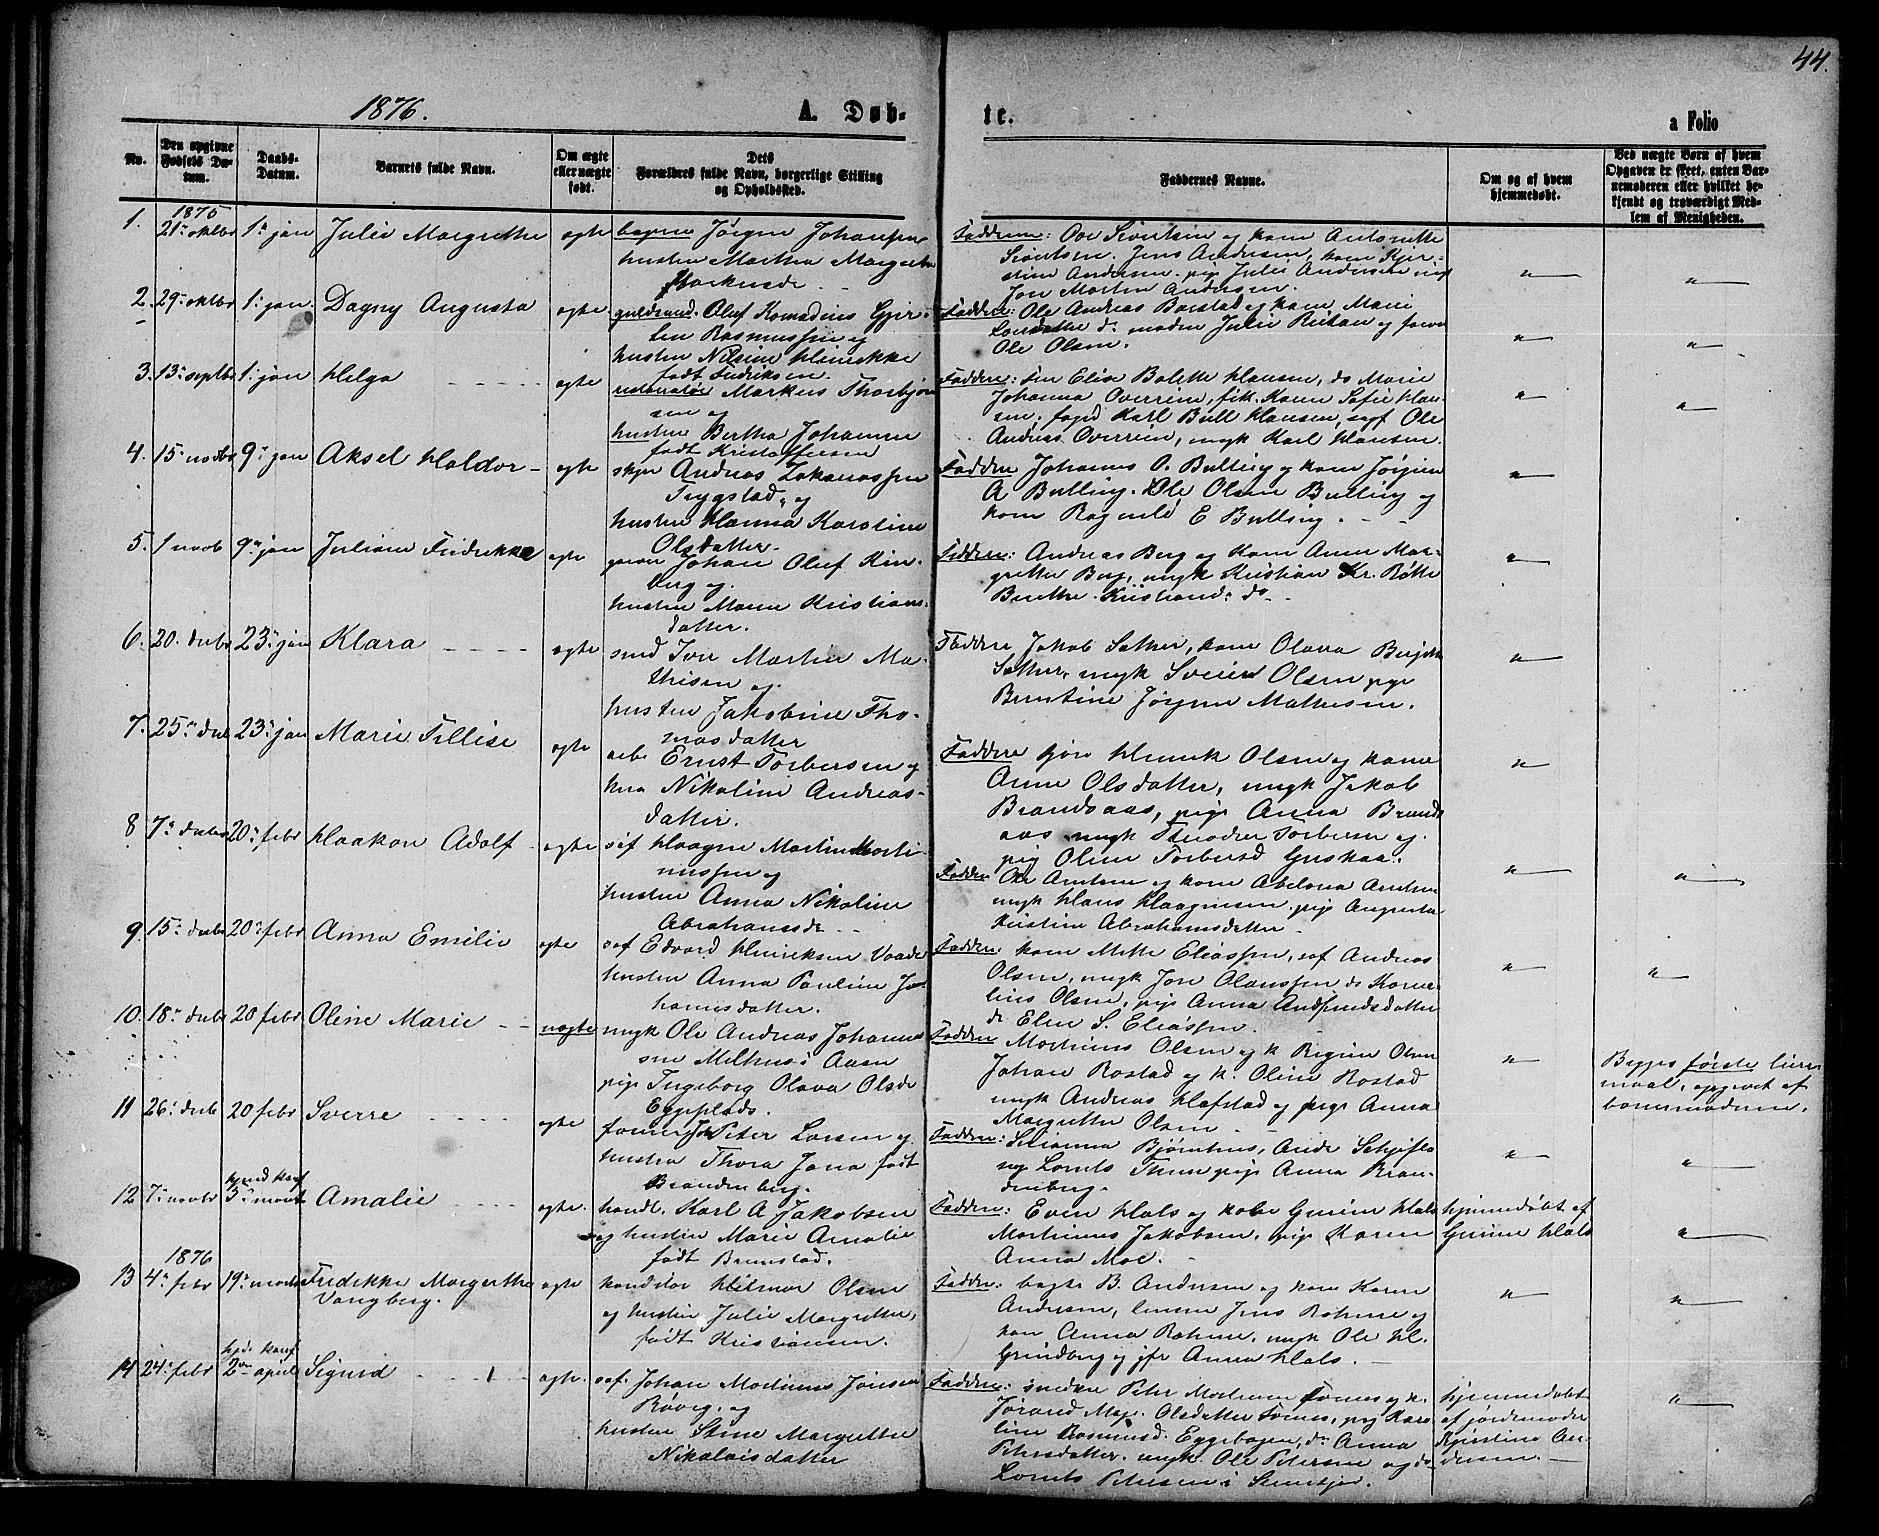 SAT, Ministerialprotokoller, klokkerbøker og fødselsregistre - Nord-Trøndelag, 739/L0373: Klokkerbok nr. 739C01, 1865-1882, s. 44